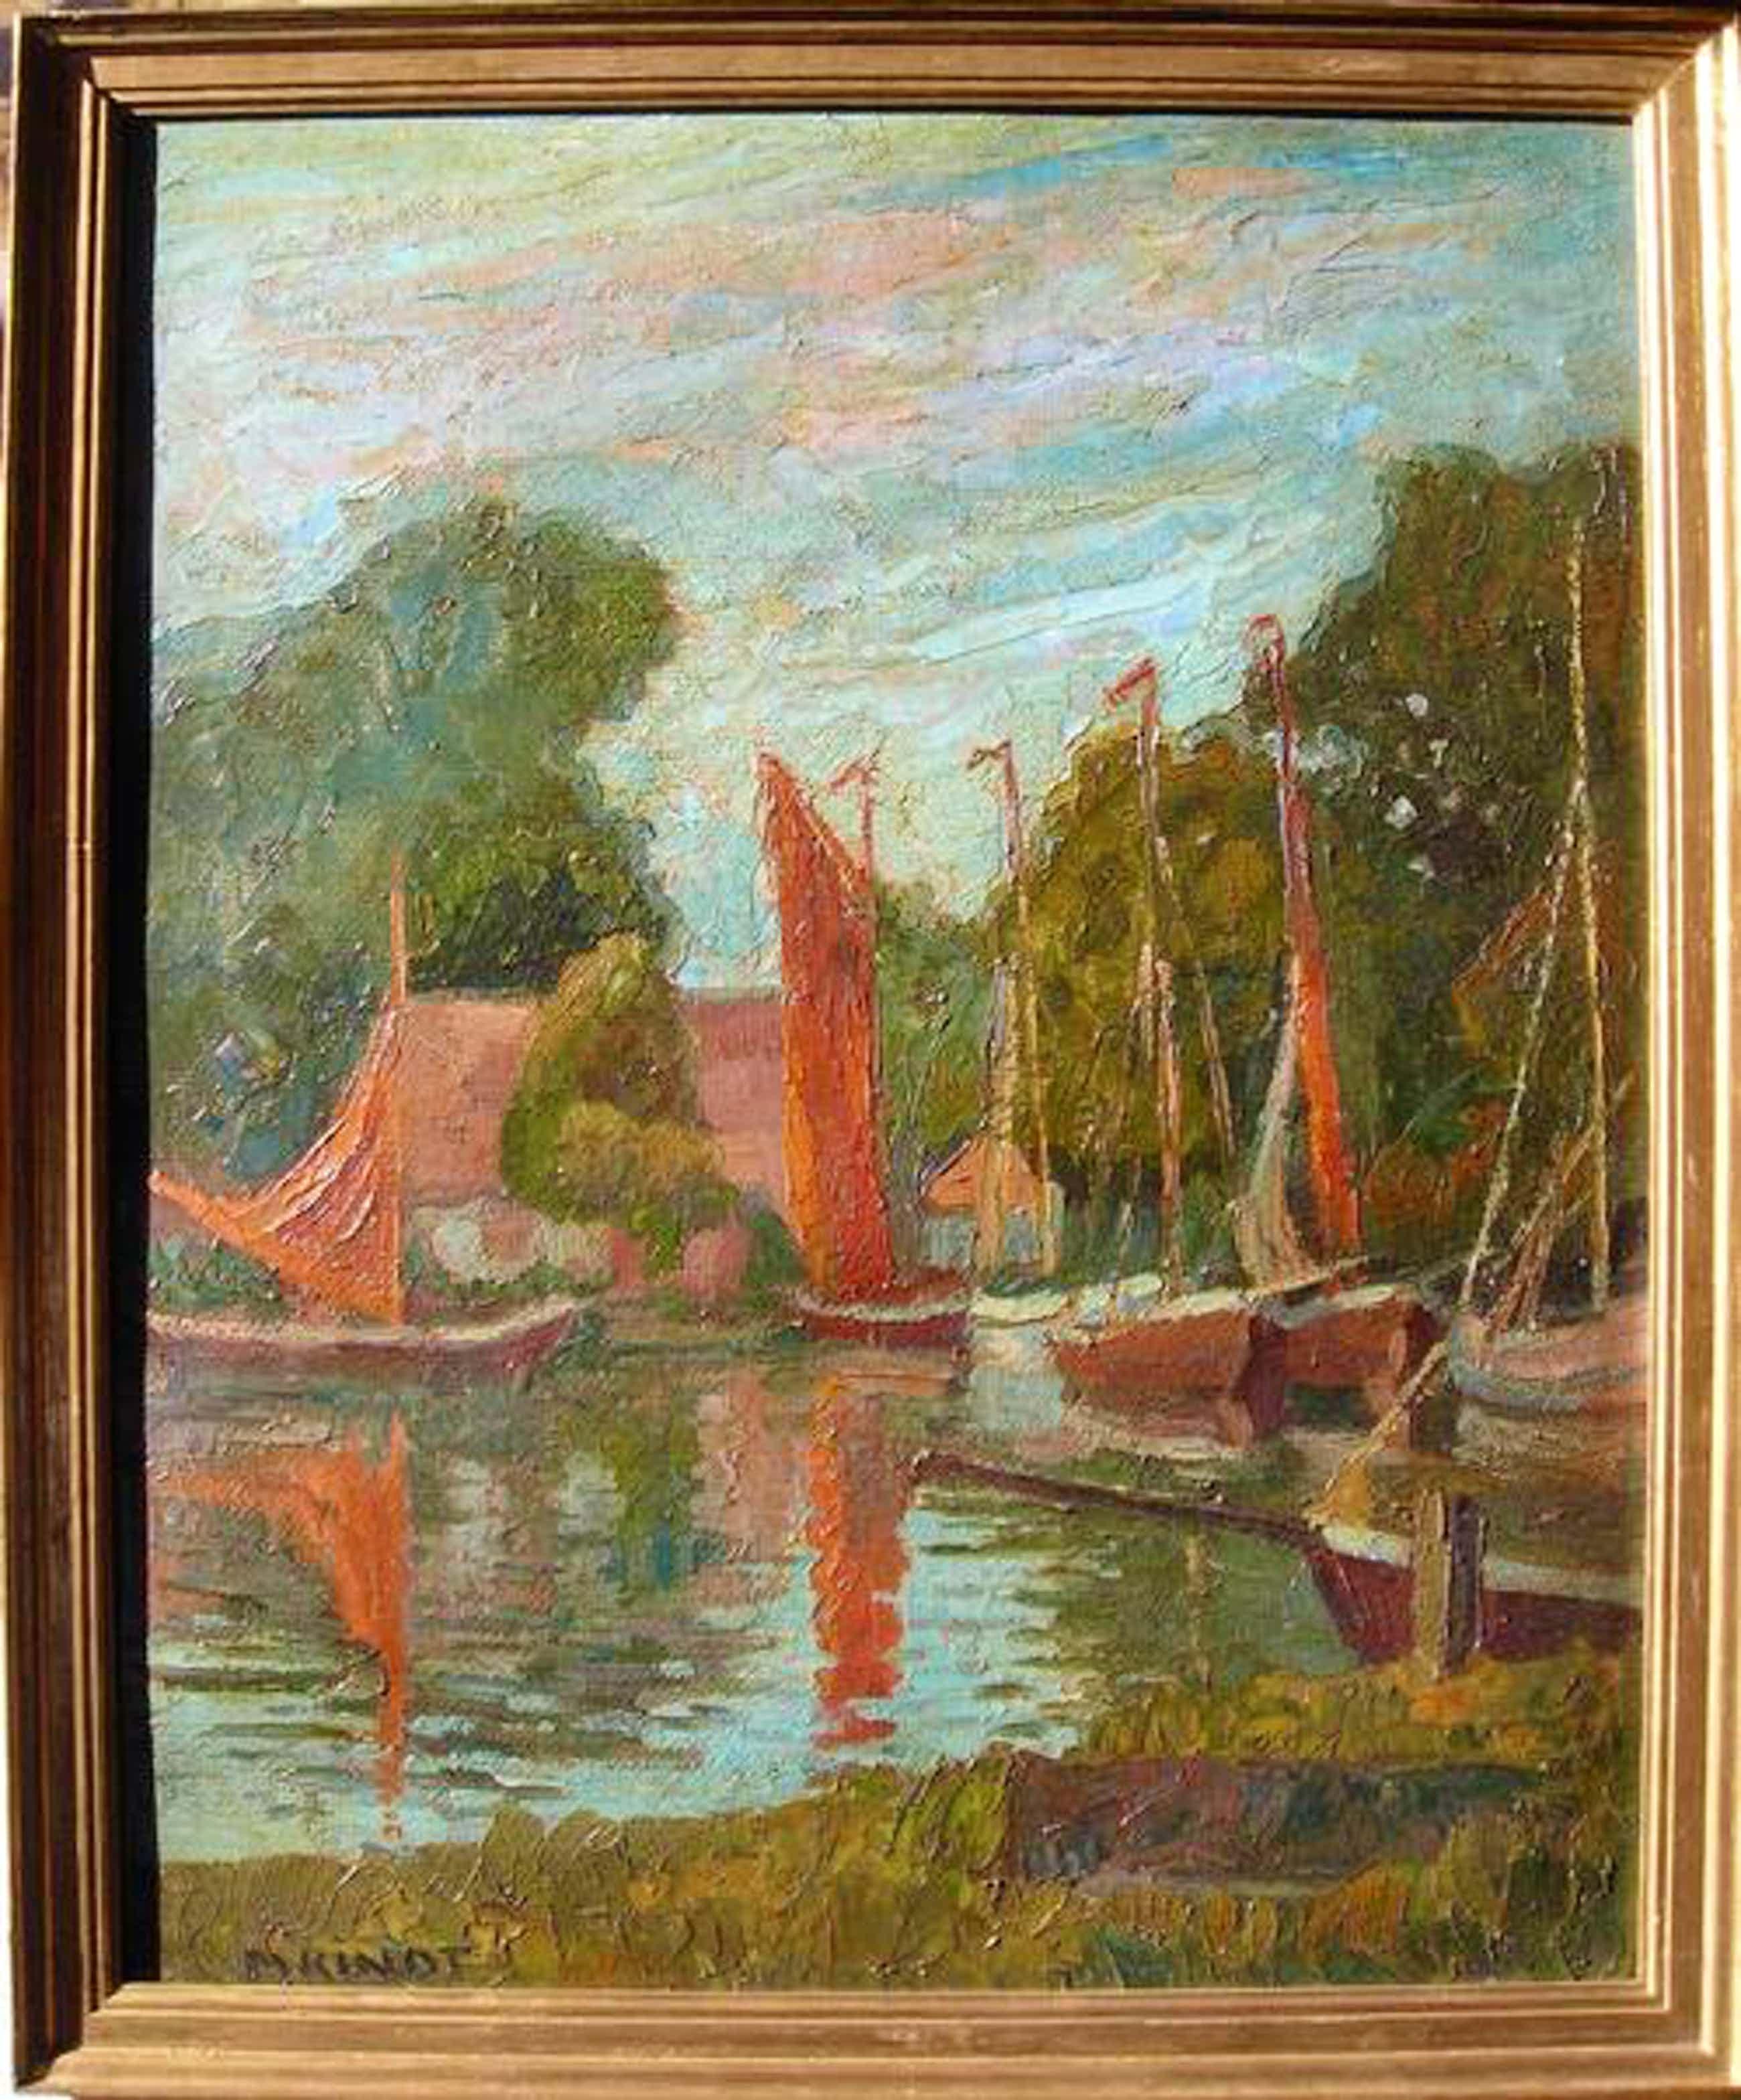 Max Kindt - Boote mit roten Segeln auf einem See in der Region Berlin, Ölgemälde kopen? Bied vanaf 380!